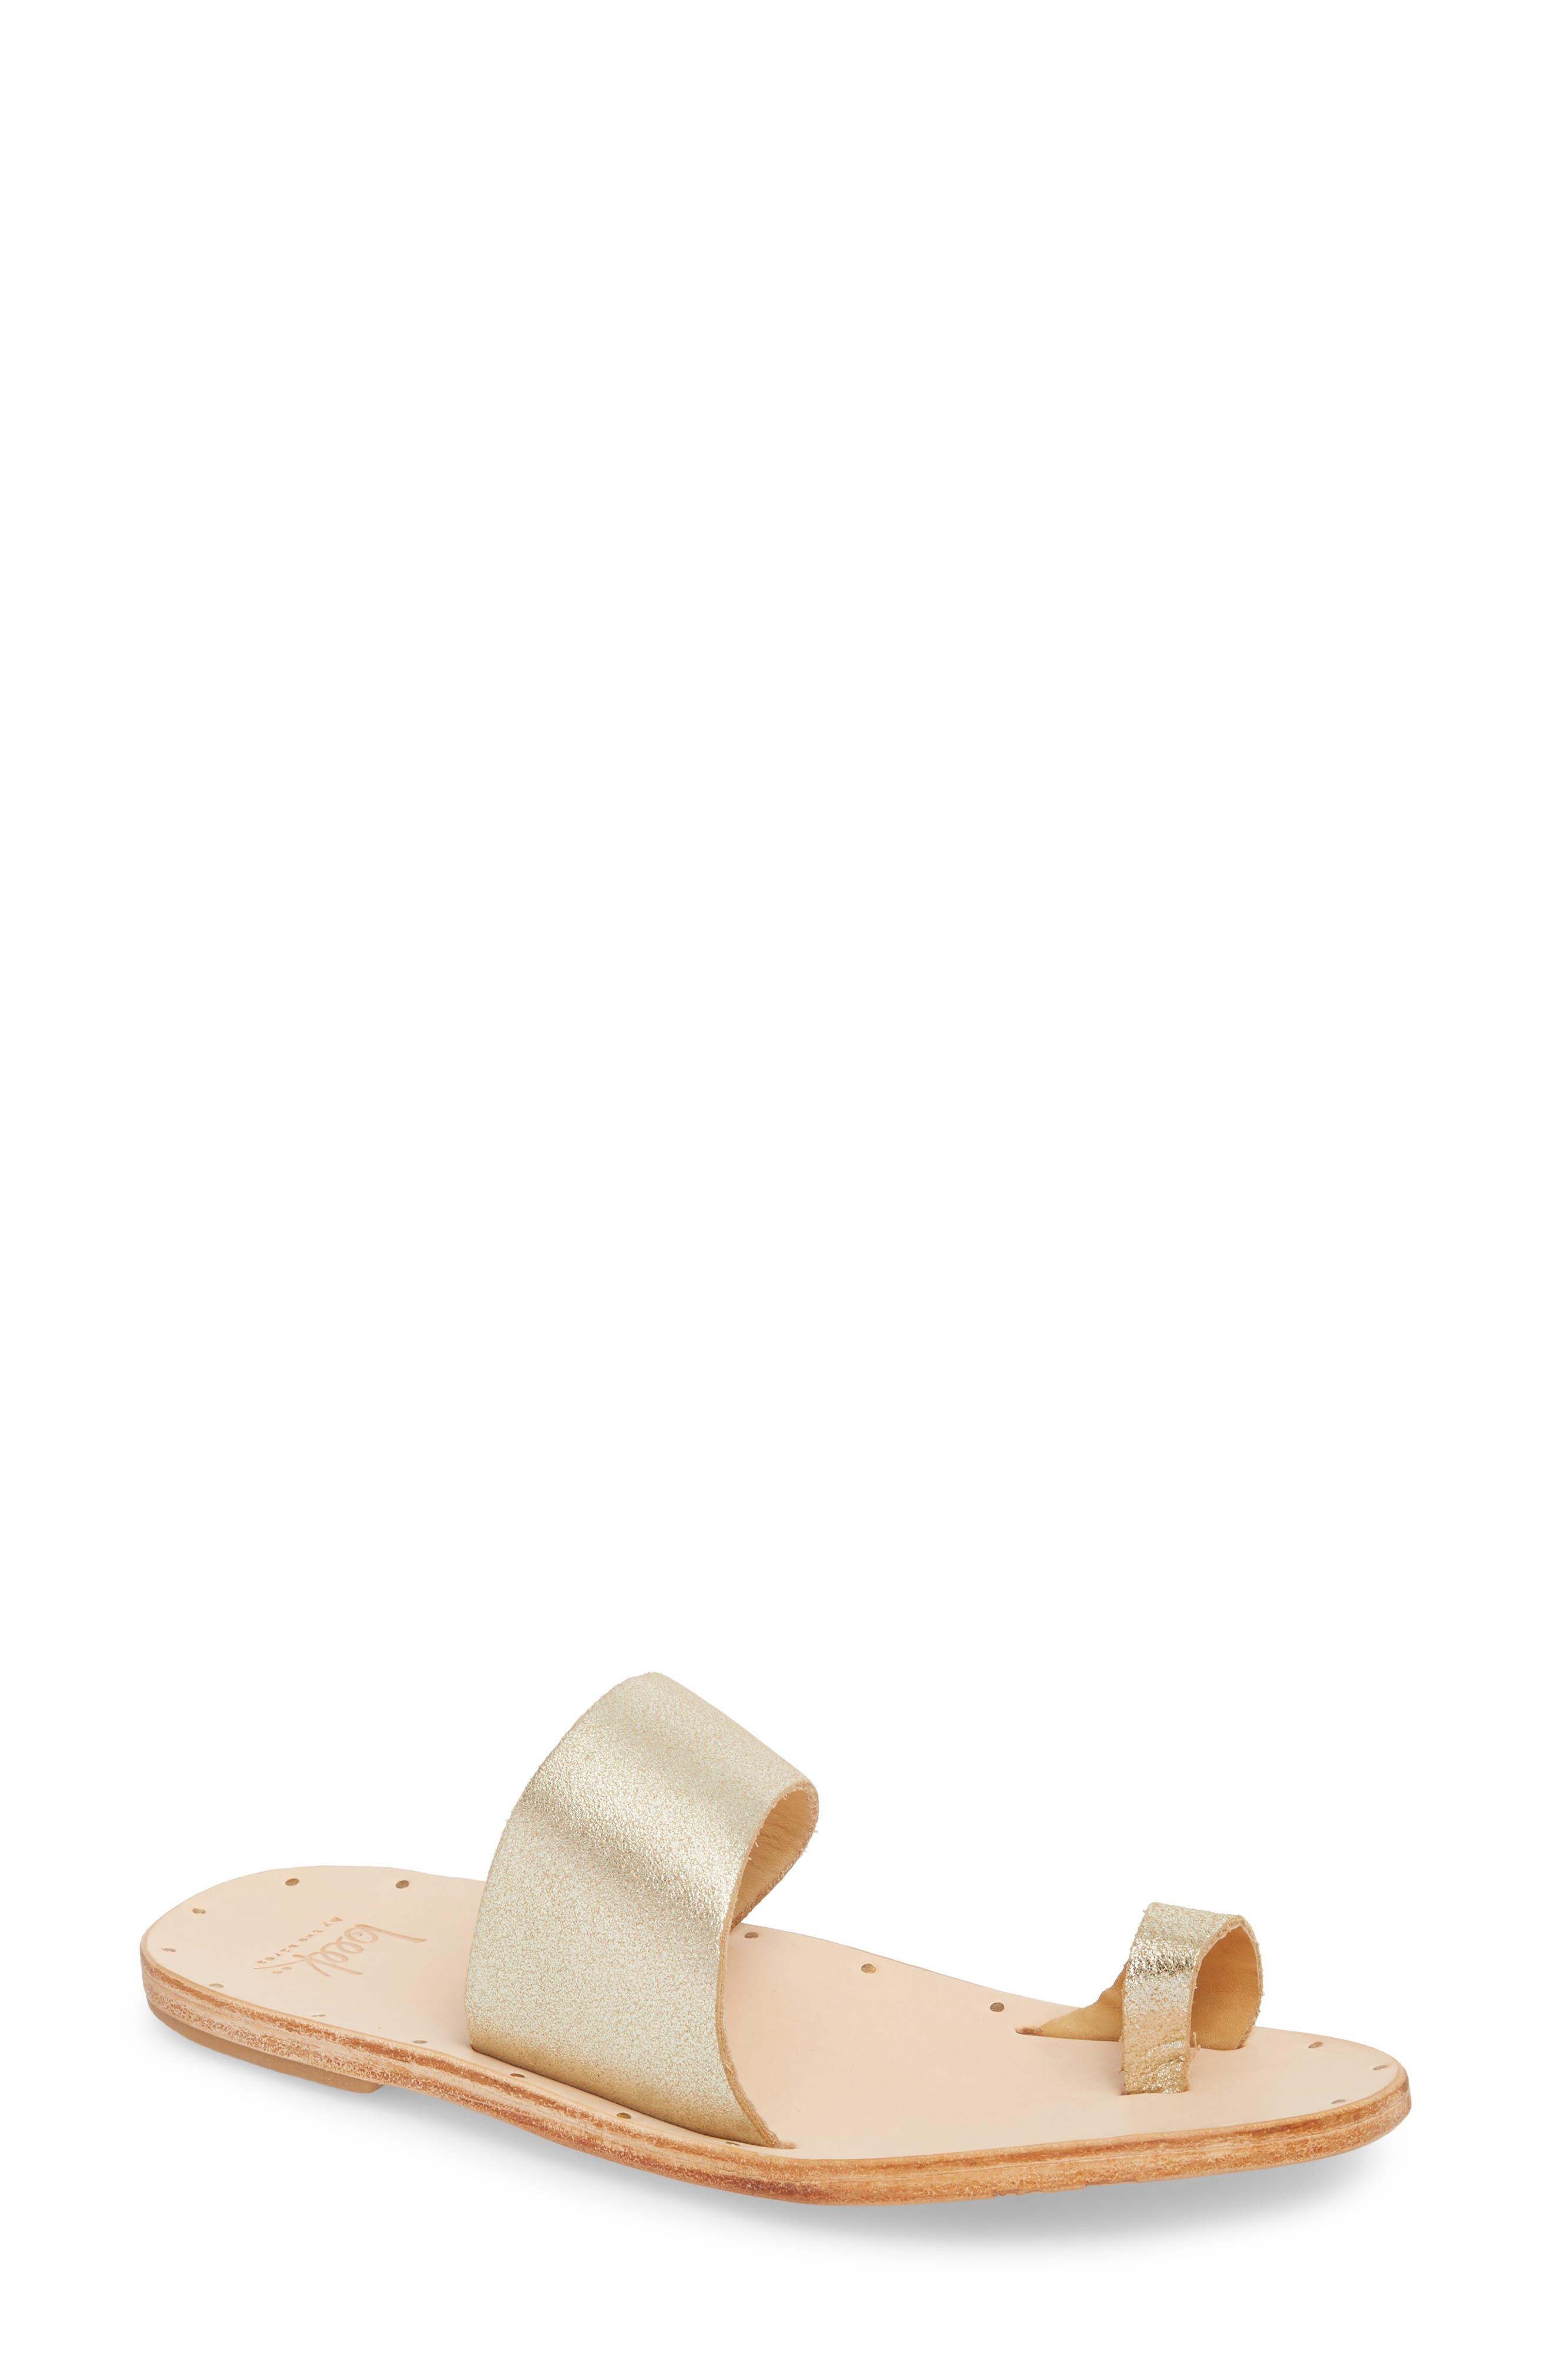 Finch Sandal,                         Main,                         color, Platinum